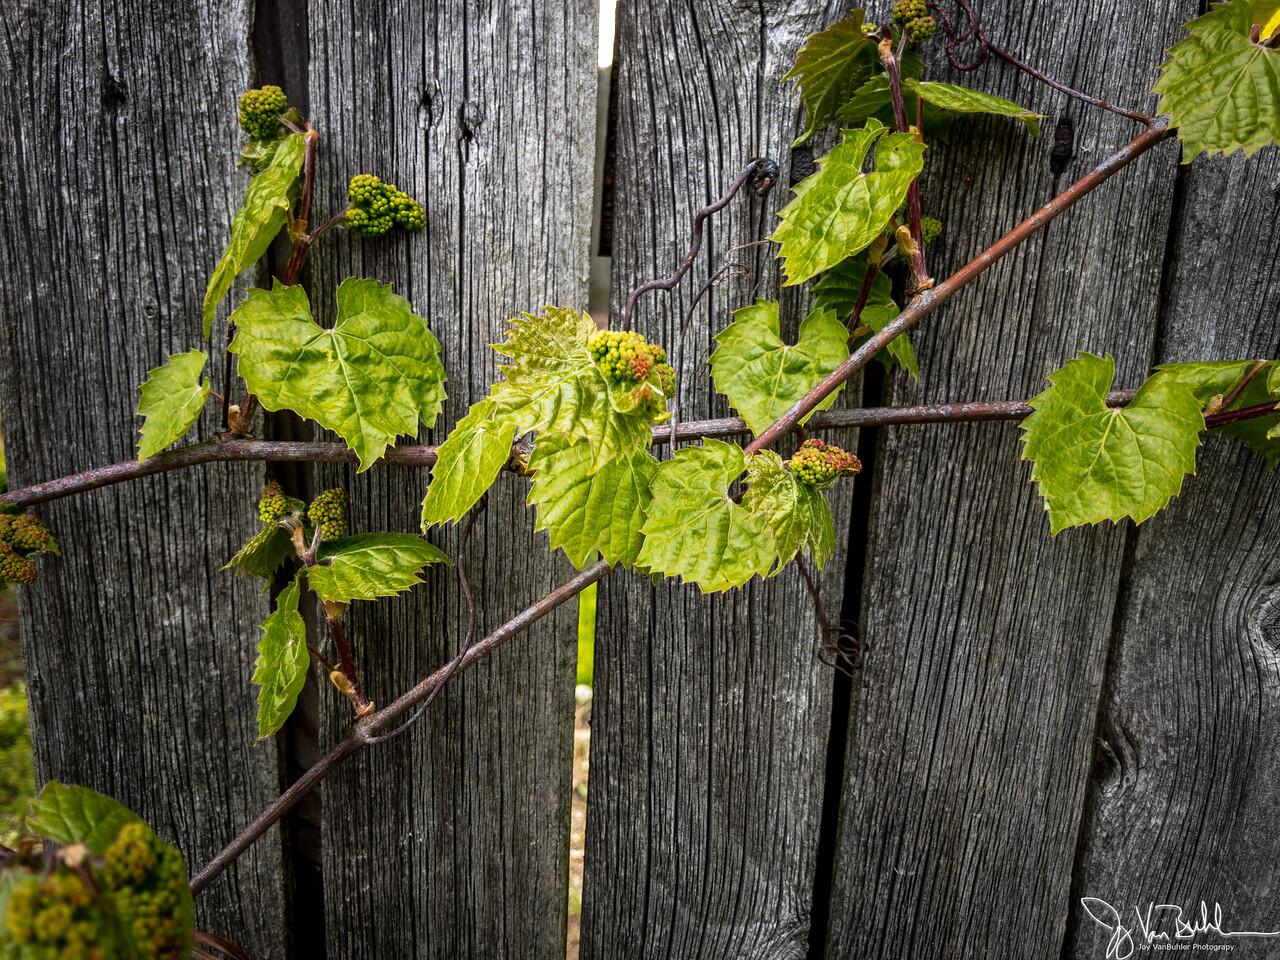 130/365 - Vines